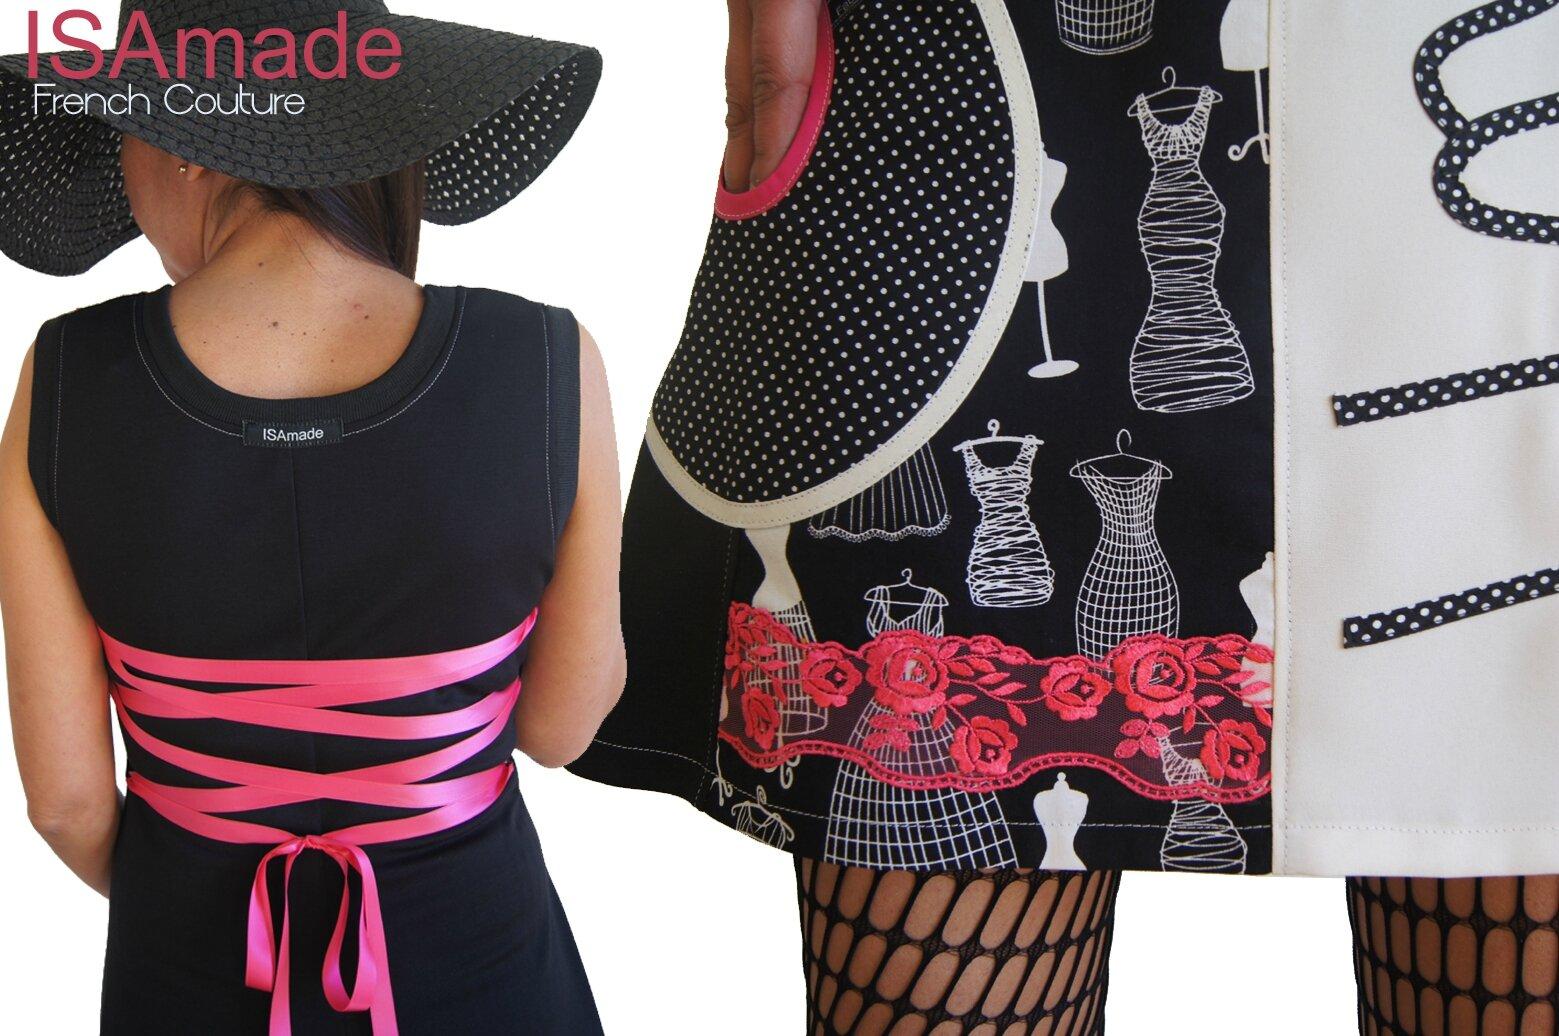 Robe Originale Noire et blanc cassé à l'esprit Couture Chic et décalé à dentelle Rose fuchsia : c'est une pièce unique de la collection Printemps 2015 ISAmade !